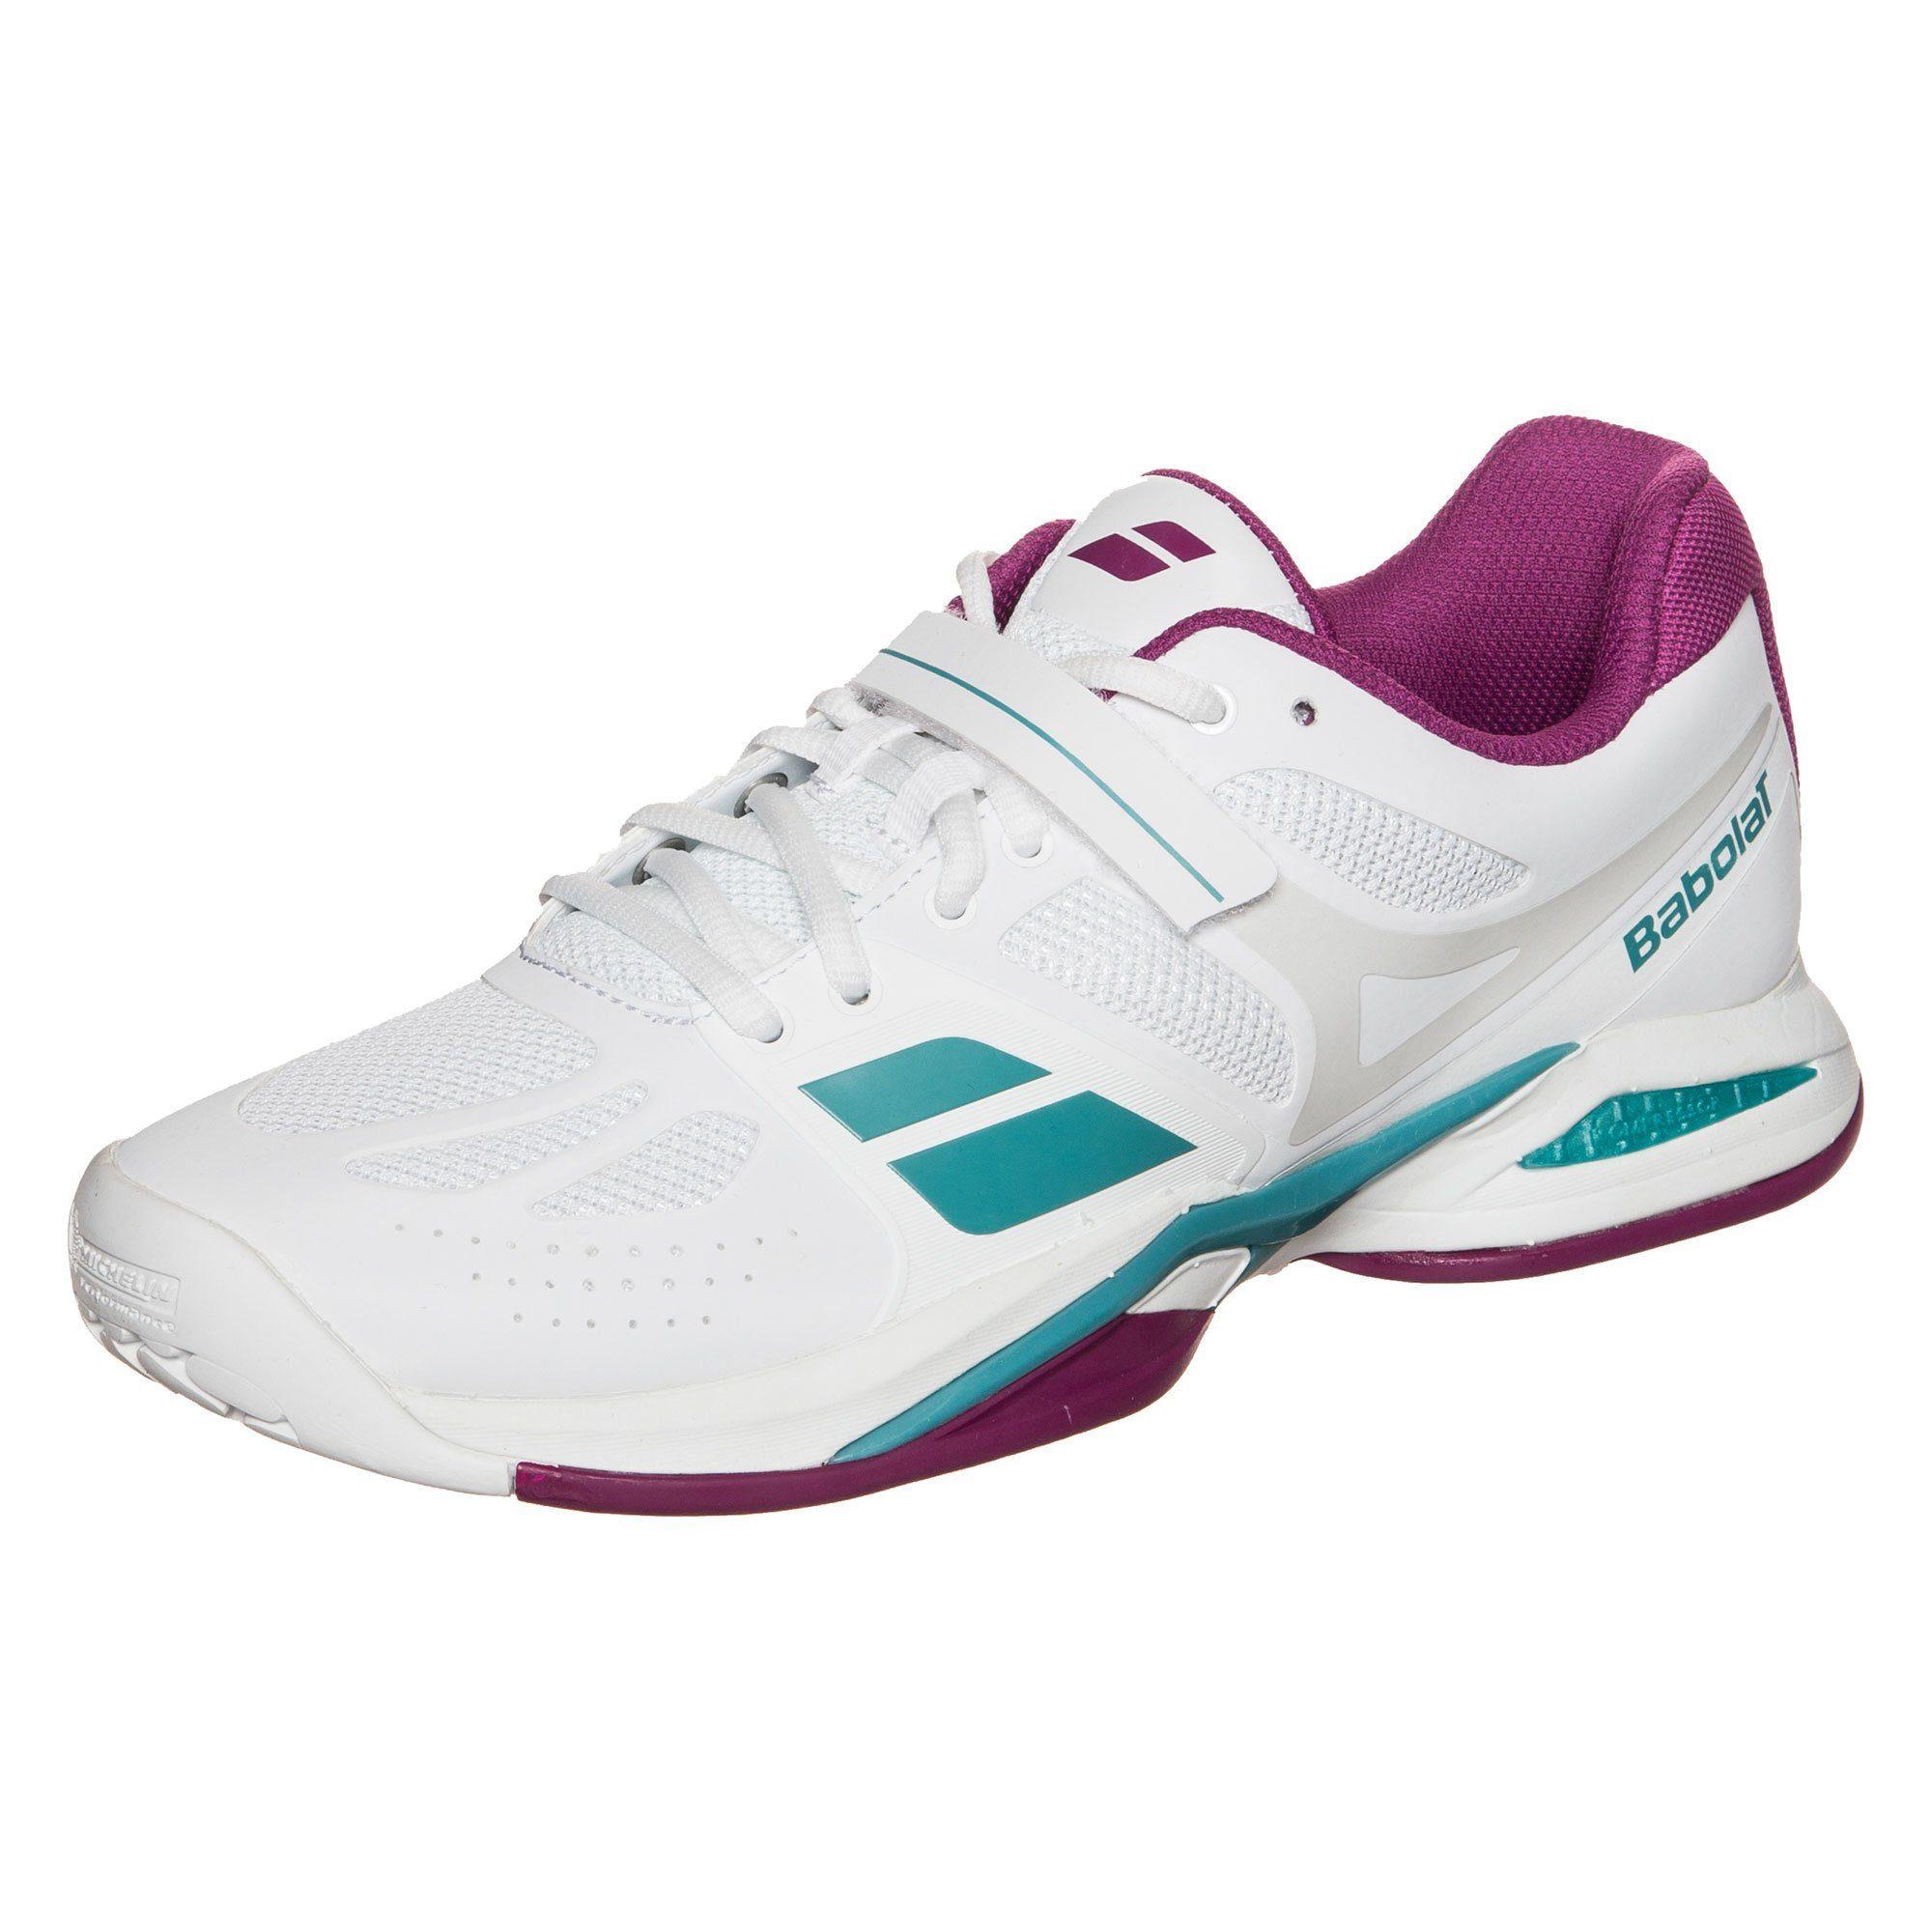 BABOLAT Propulse All Court Tennisschuh Damen